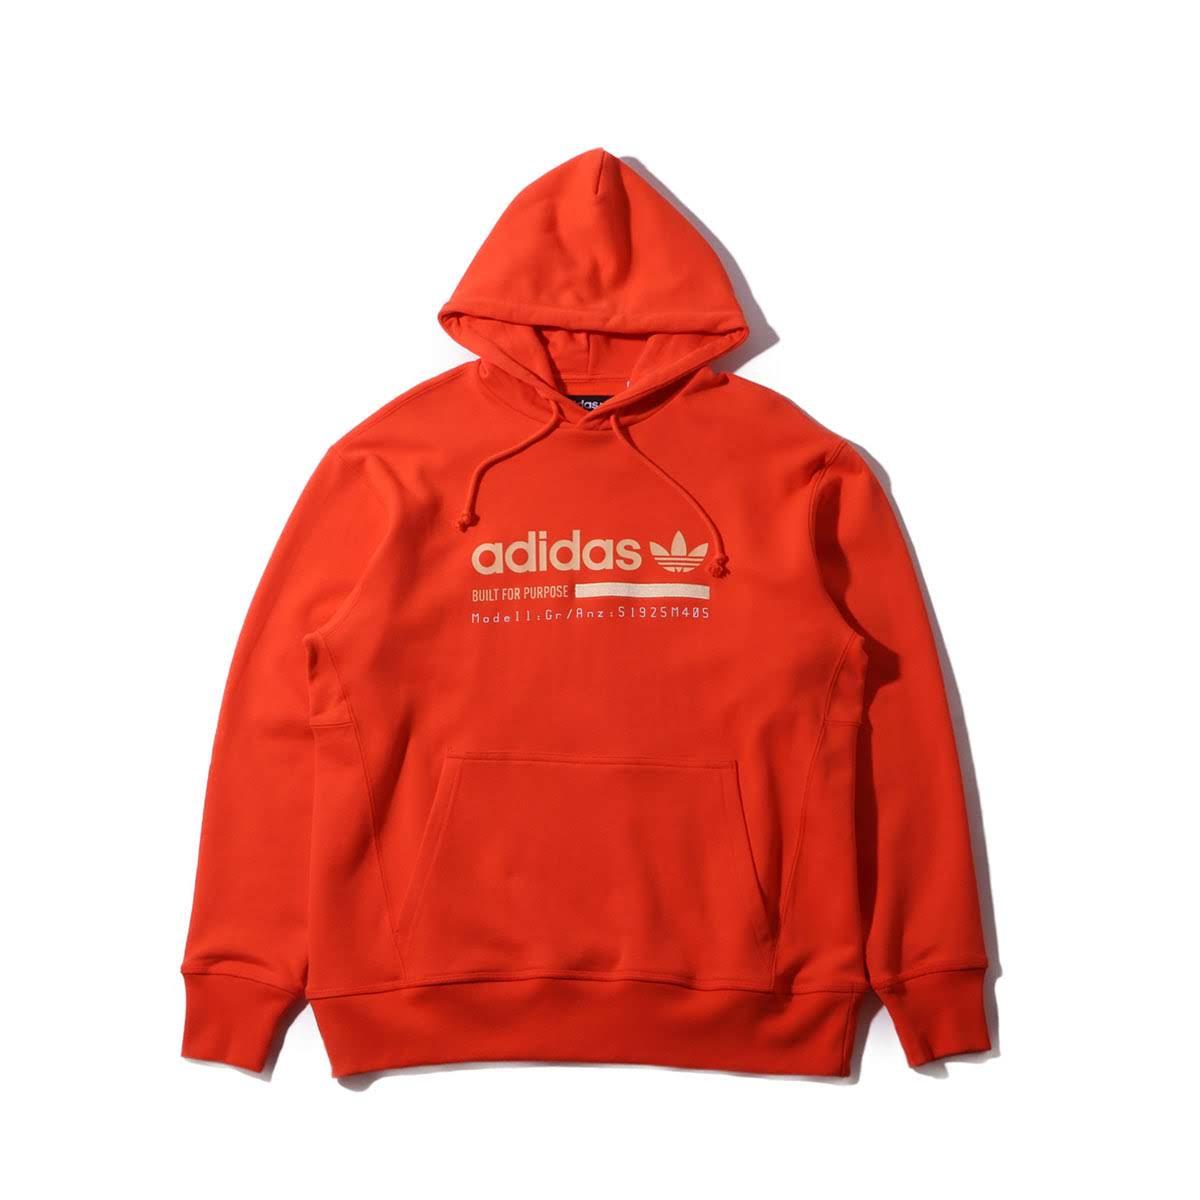 adidas Originals KAVAL OTH HOODIE(アディダスオリジナルス カバル OTH フーディー)SEMI SOLAR RED【メンズ パーカー】19SS-I